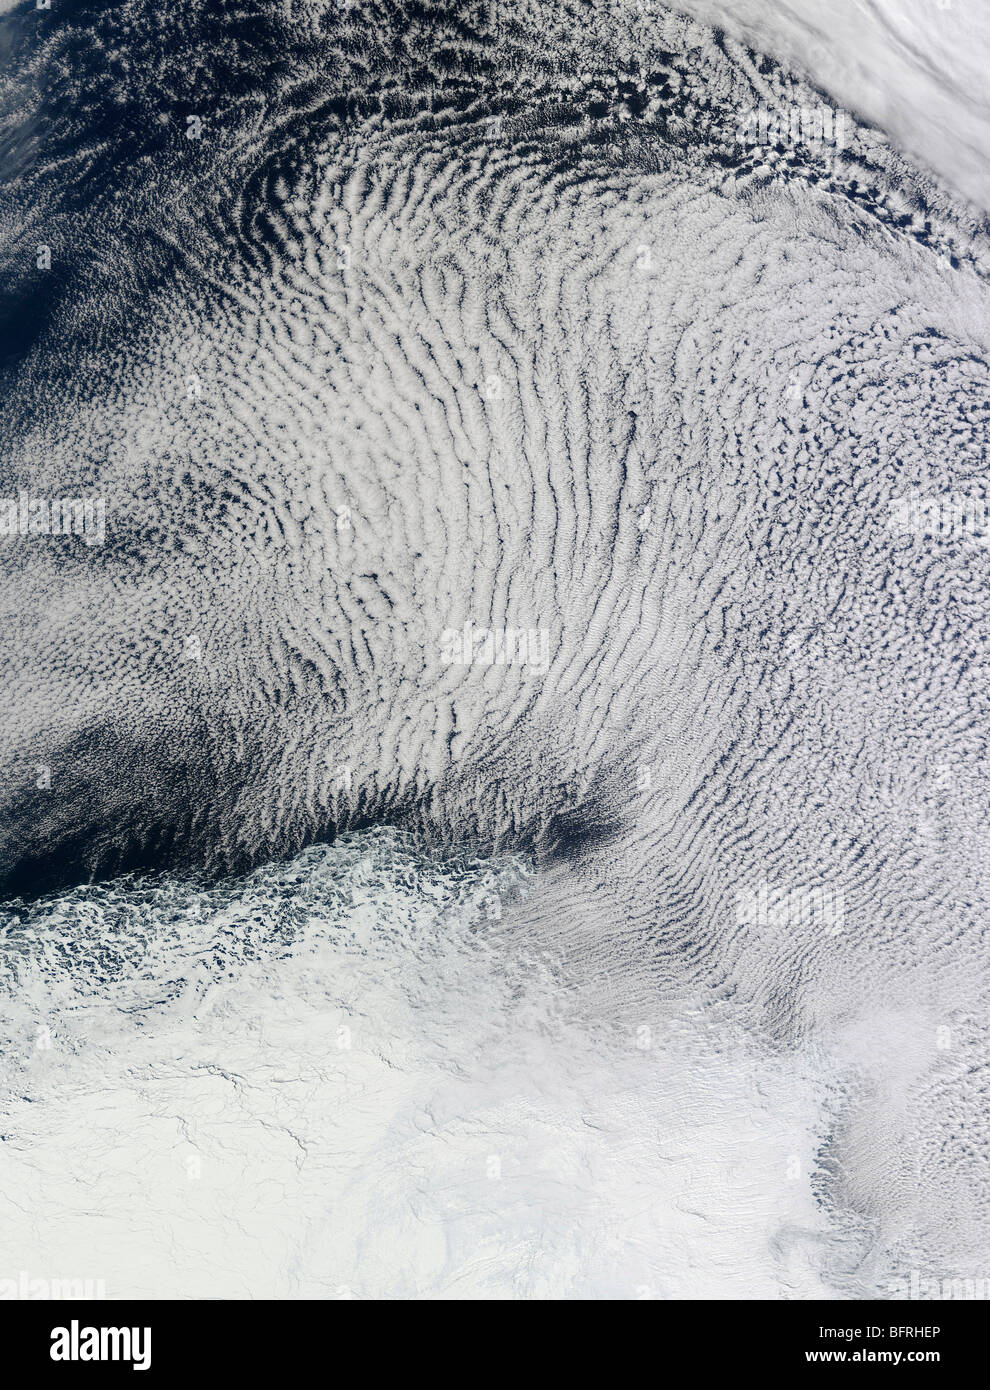 El 10 de septiembre de 2009 - los patrones de nubes y el hielo marino en el Océano Austral. Imagen De Stock